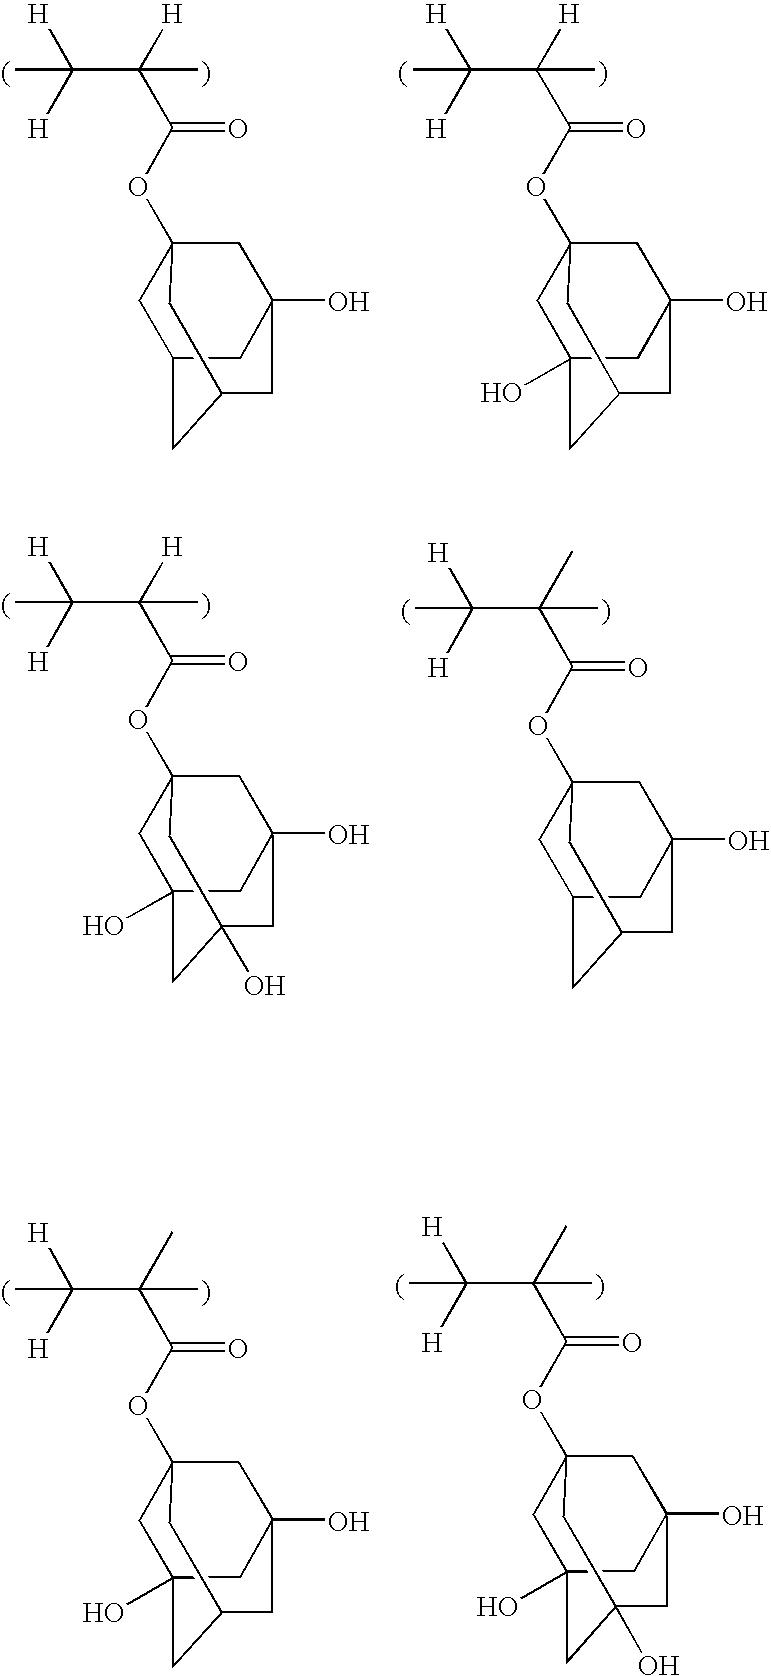 Figure US07569326-20090804-C00034